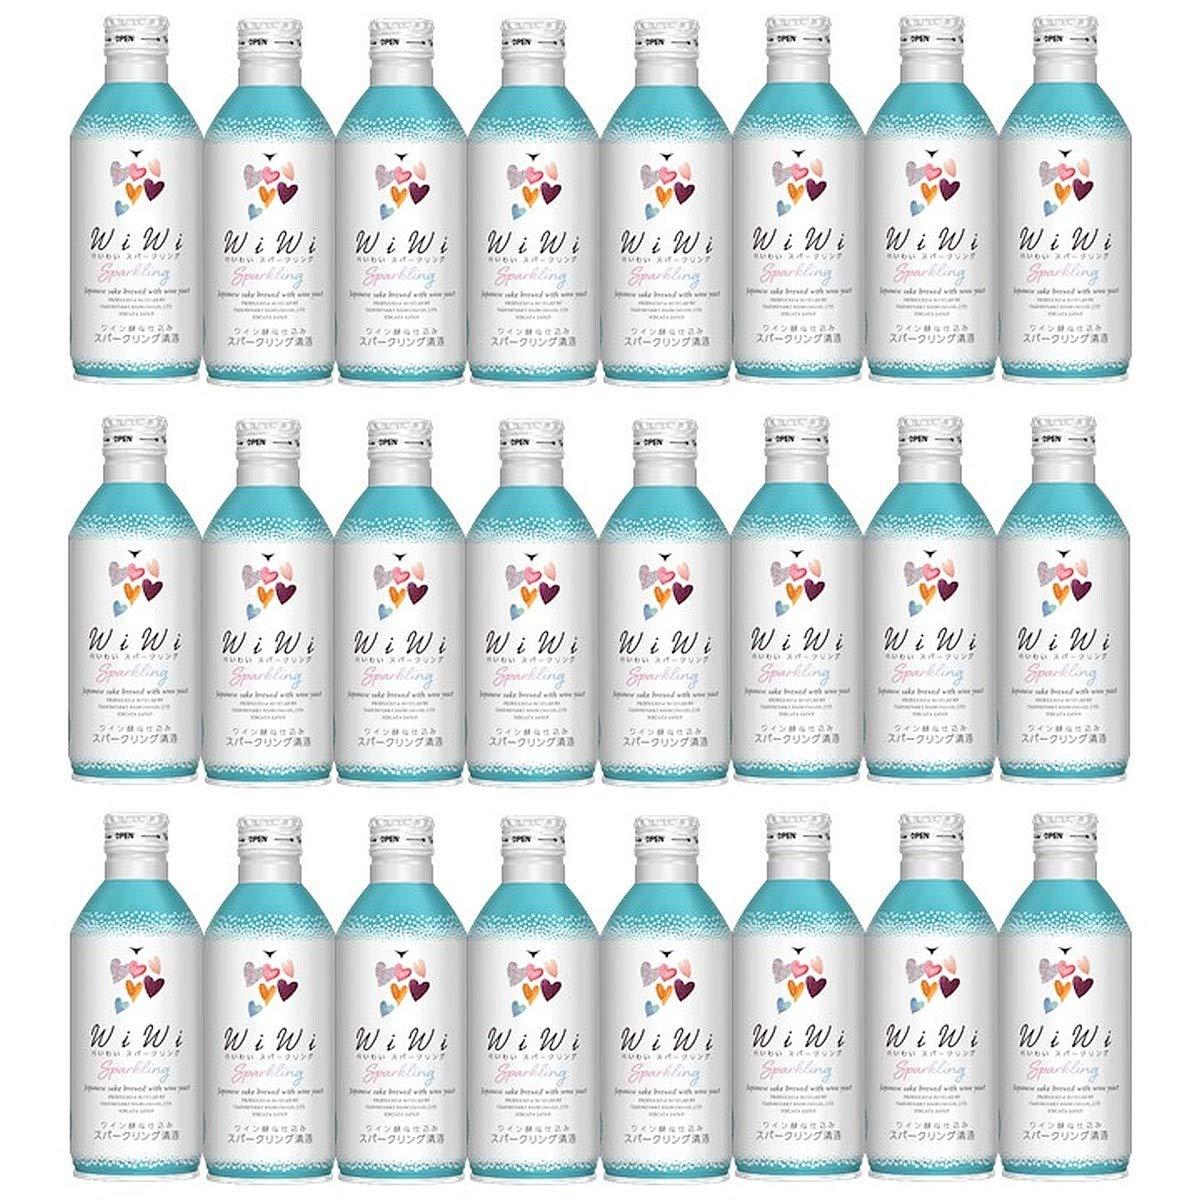 日本酒 ワイン酵母仕込み わいわい スパークリング 純米吟醸酒 アルミ缶 270ml 24本 1ケース 甘口 ギフト プレゼント 高野酒造 新潟  B07QQX29V8